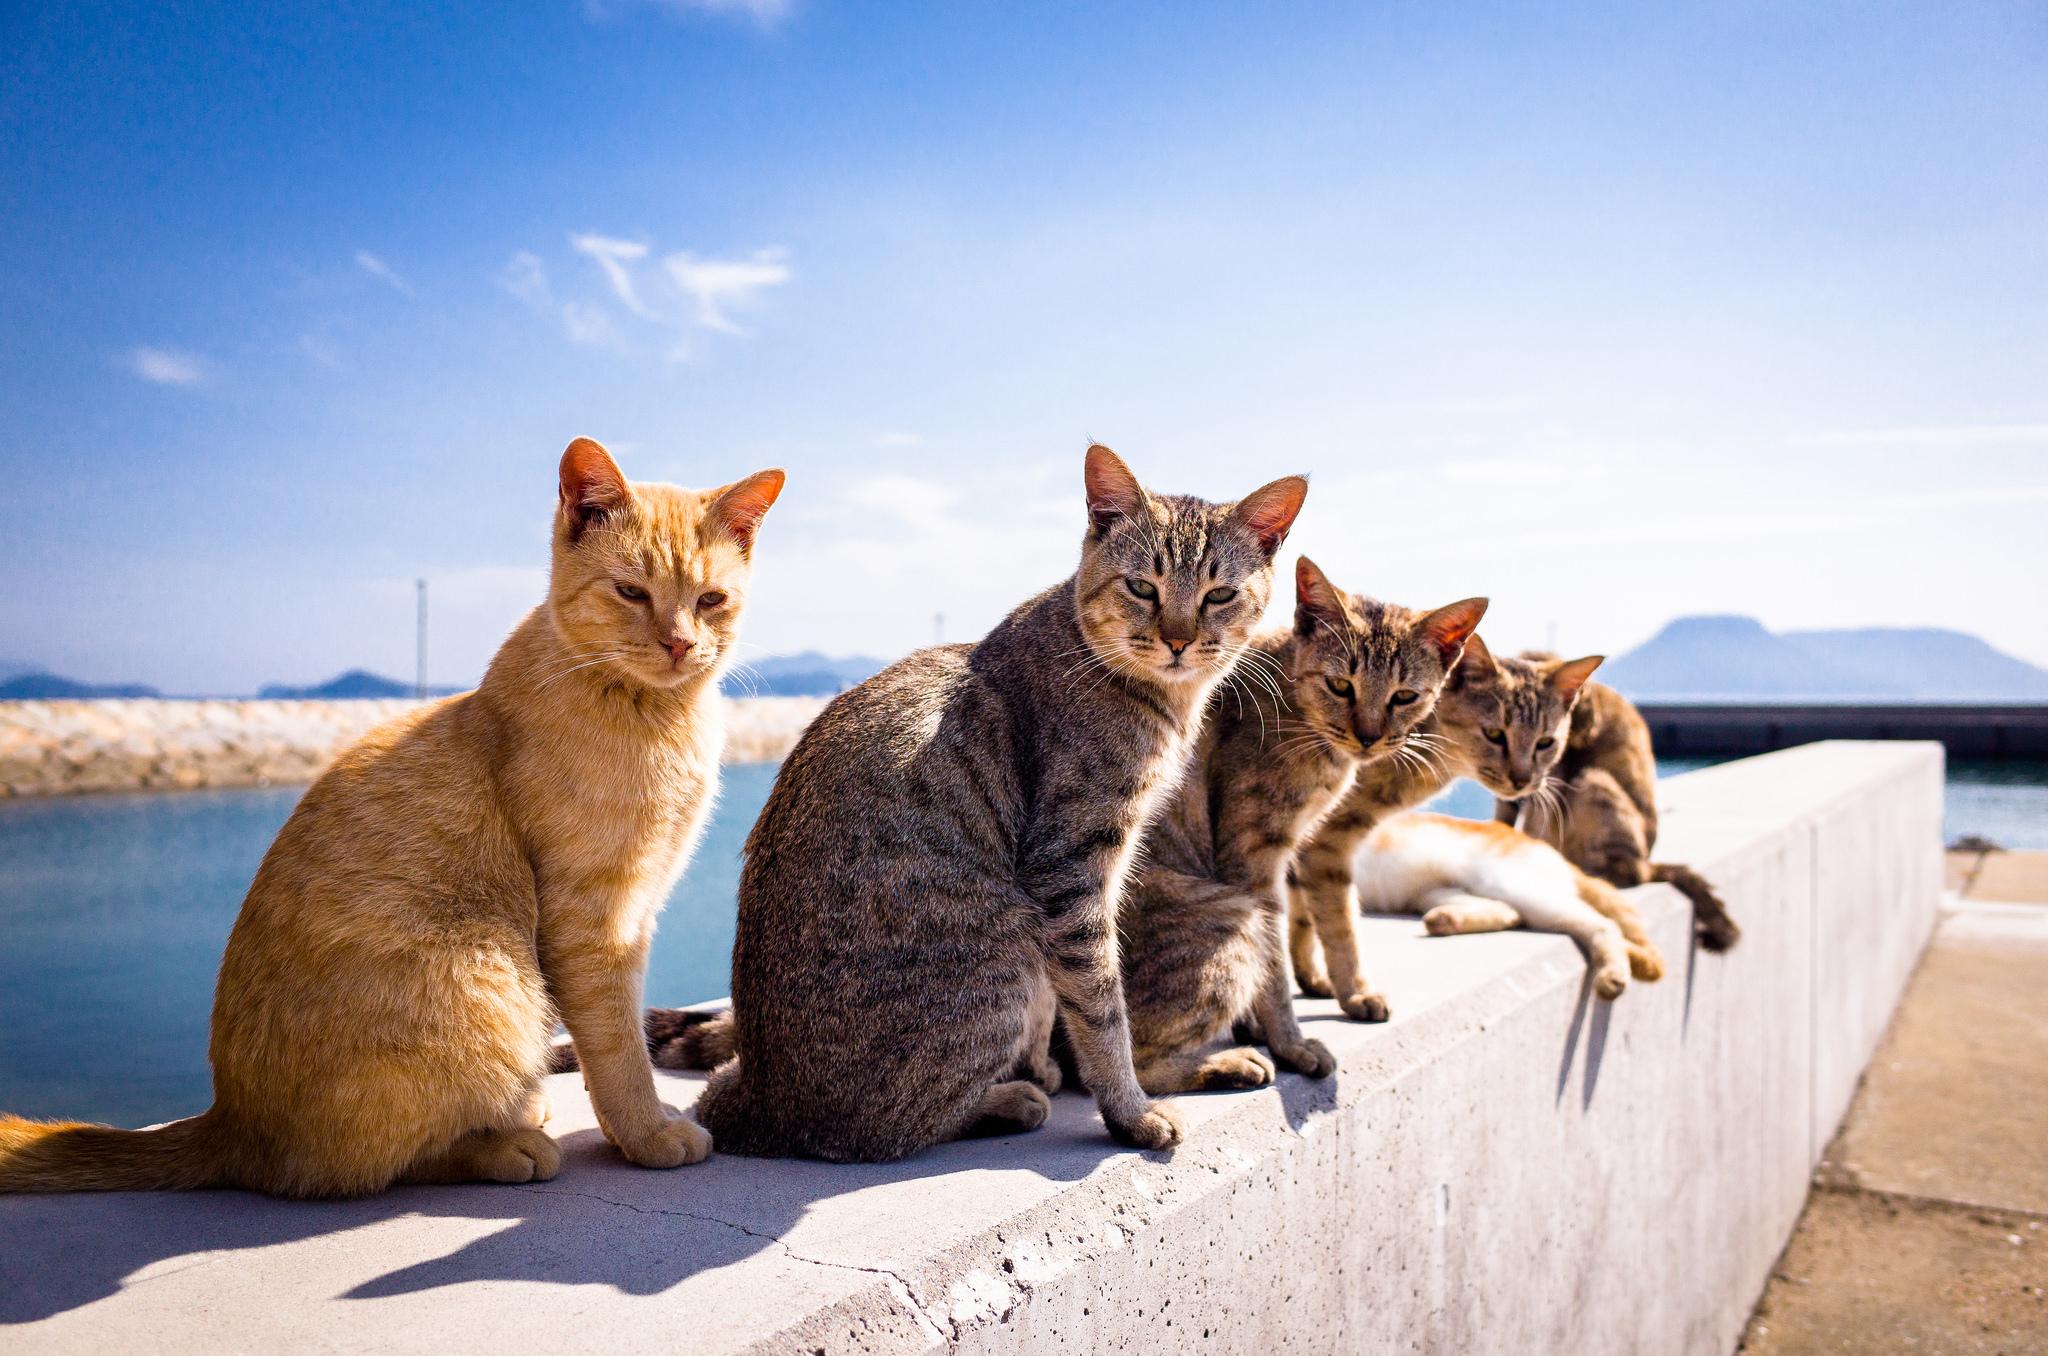 Картинка: Шесть, кошки, смотрят, тень, небо, греются, сидят